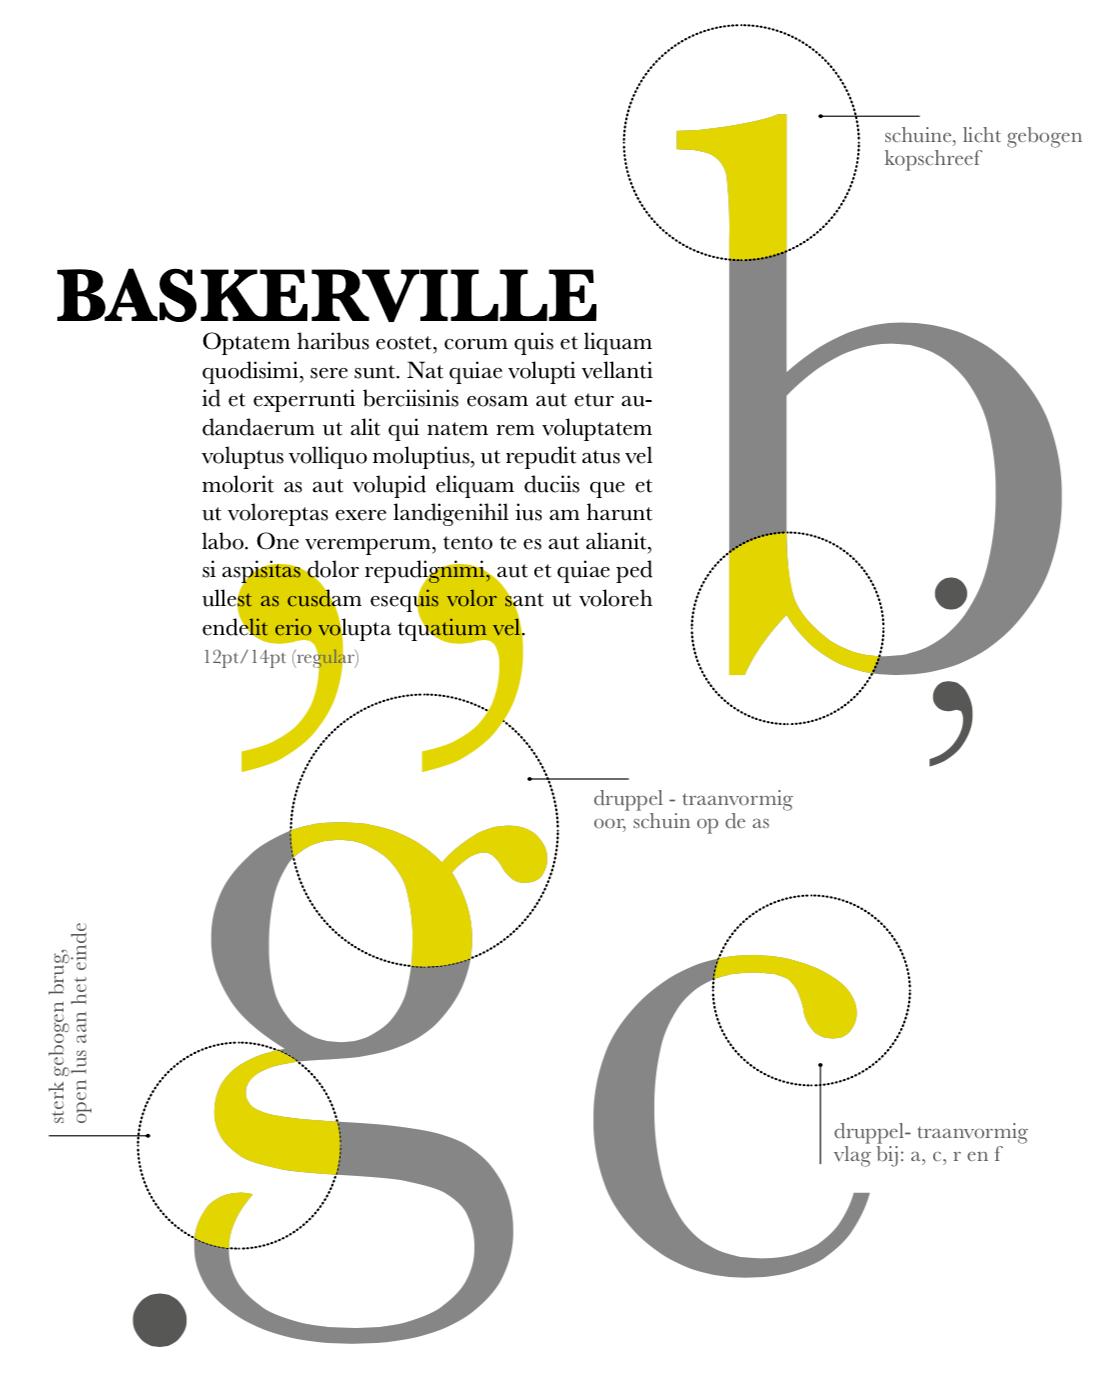 Baskerville Baskerville